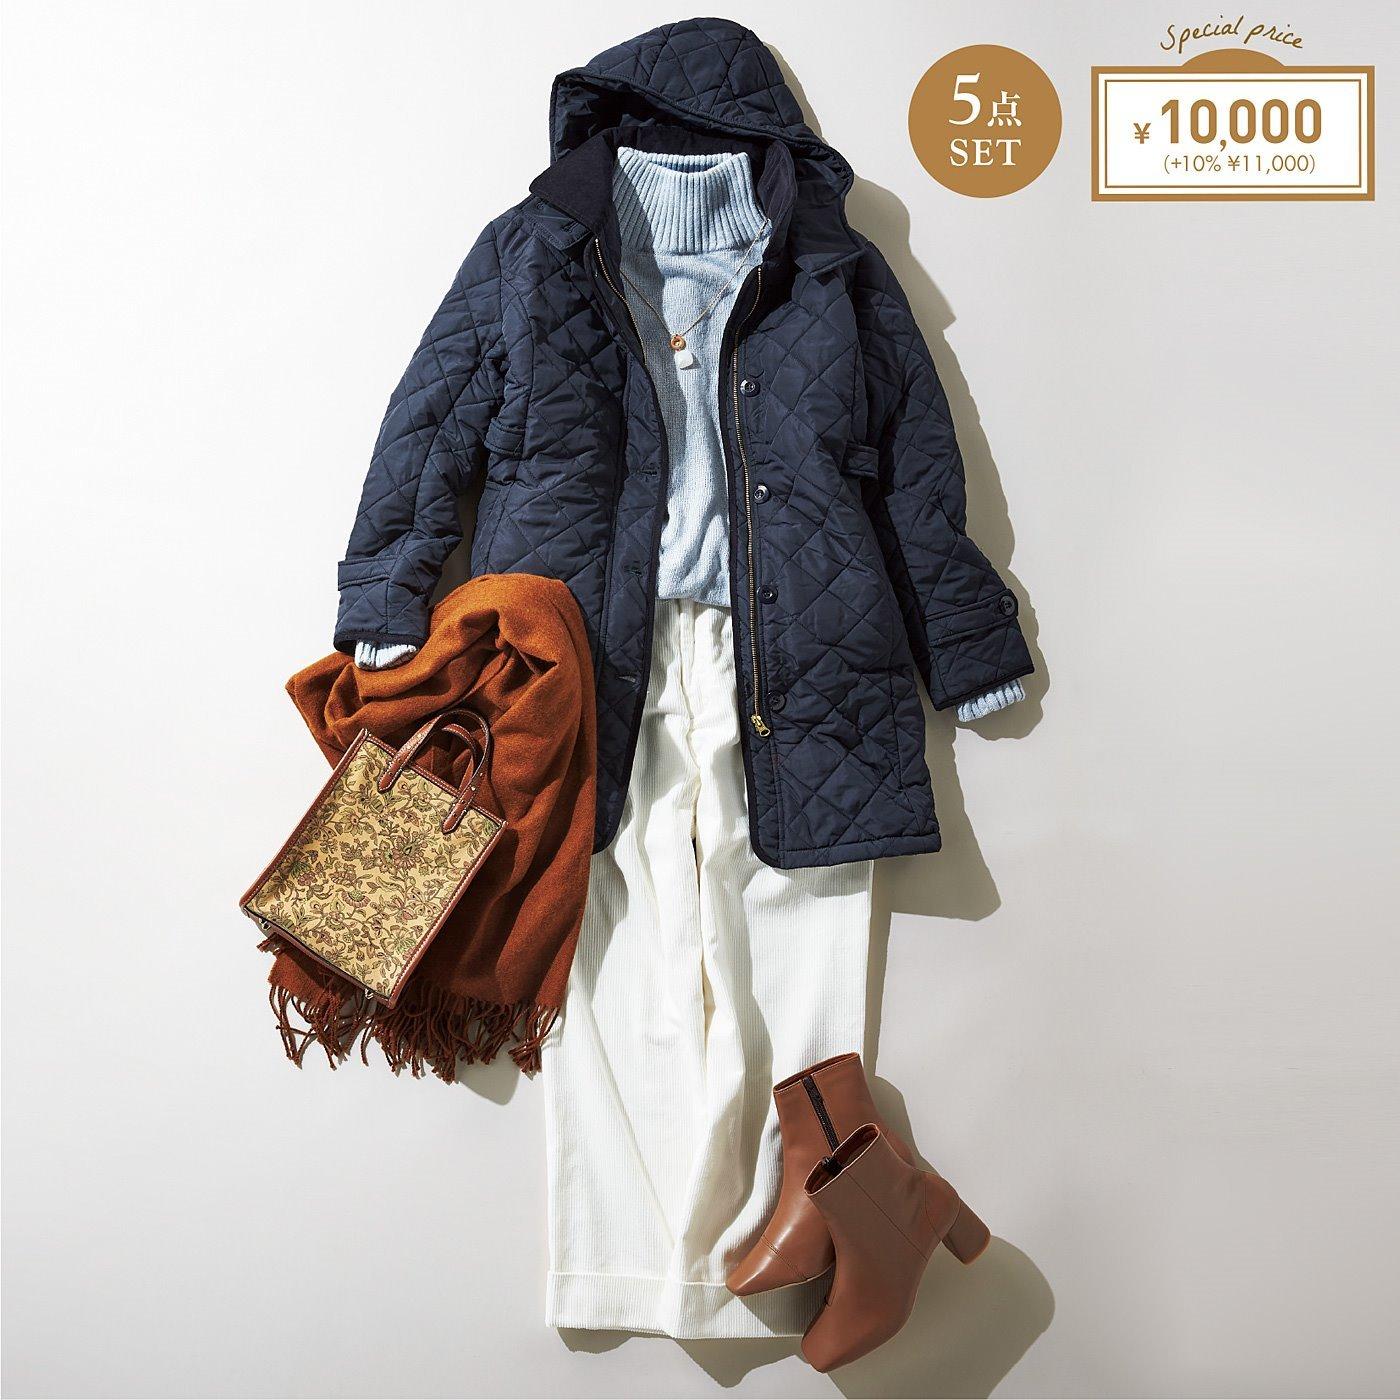 IEDIT[イディット] きれいめあったかコート&冬の洗練ファッション福袋